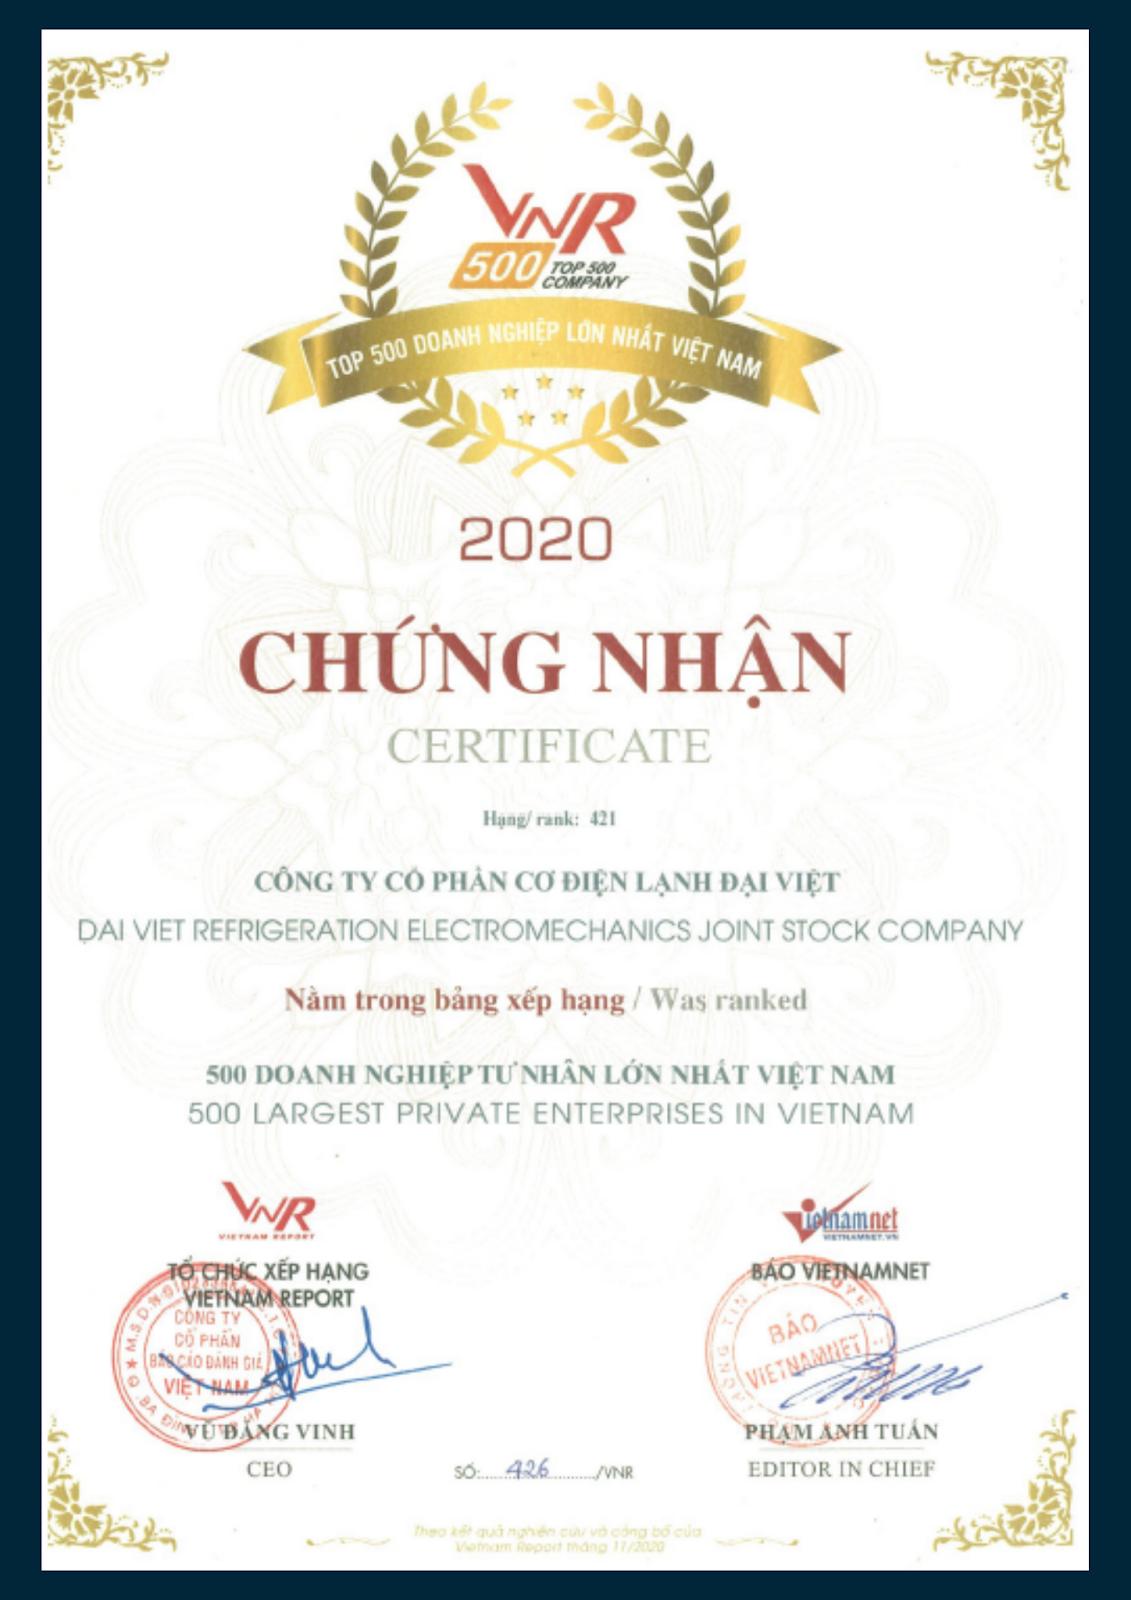 Top 500 Doanh nghiệp tư nhân lớn nhất Việt Nam 2020.